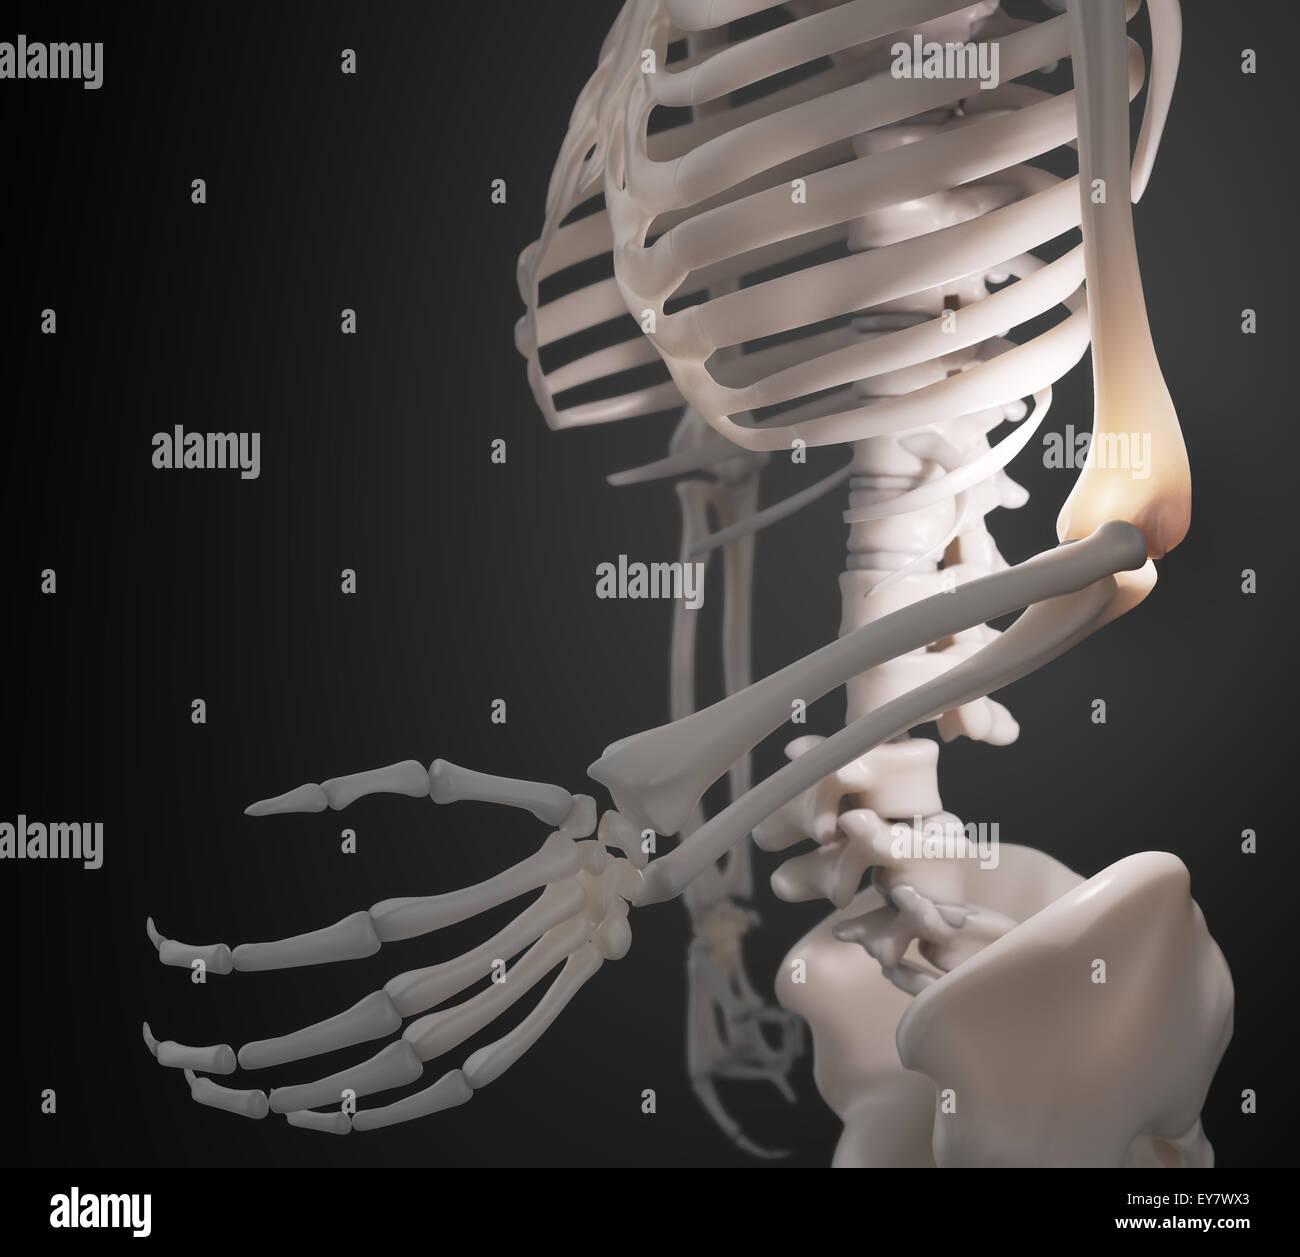 Menschliches Skelett - Arm und Ellenbogen Anatomie Stockfoto, Bild ...